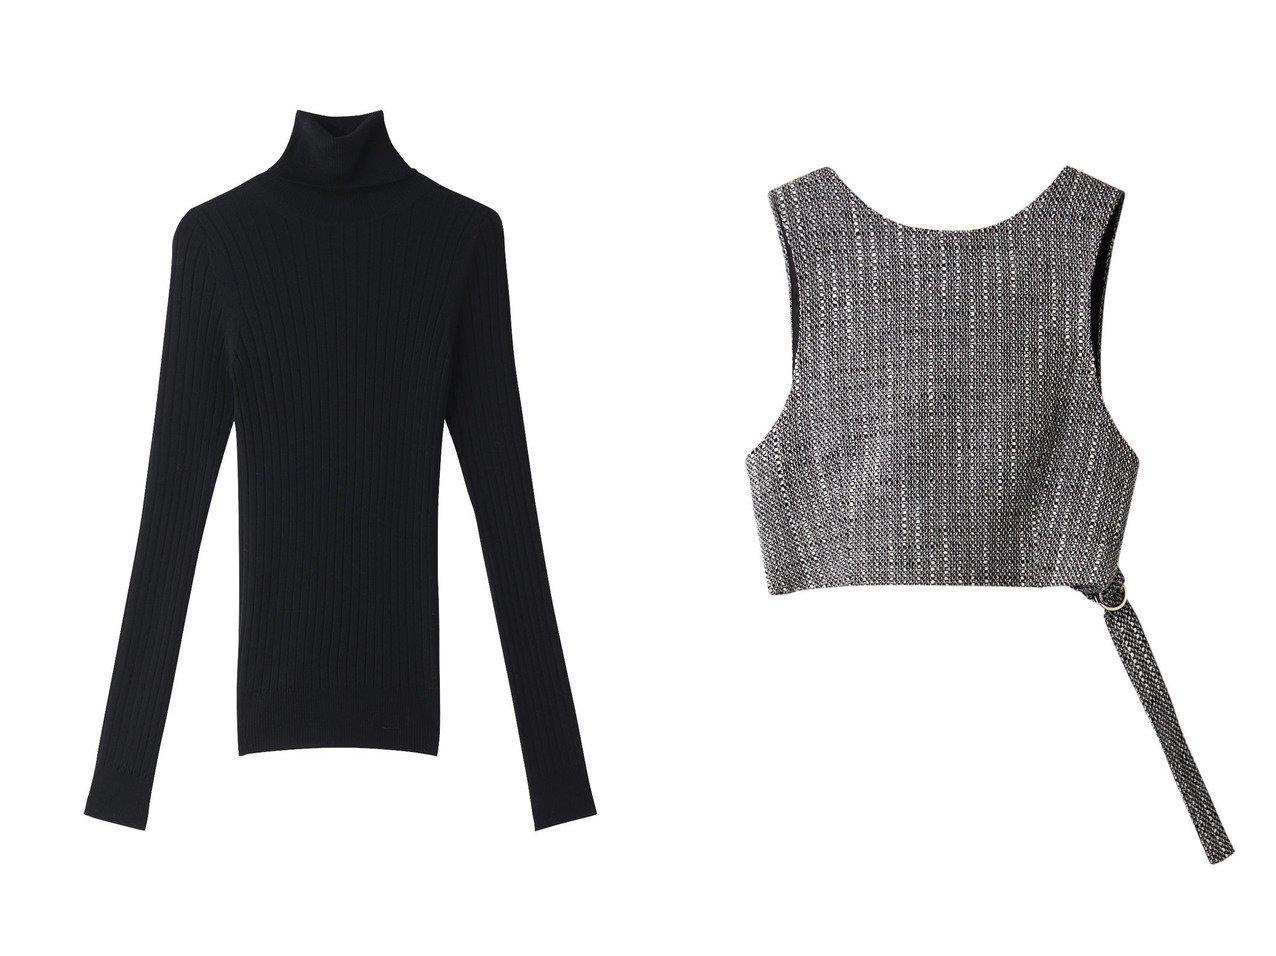 【BLAMINK/ブラミンク】のウール18Gリブタートルネックロングスリーブ&【Ezick/エジック】のツイードキリカエビスチェ トップス・カットソーのおすすめ!人気、レディースファッションの通販 おすすめで人気のファッション通販商品 インテリア・家具・キッズファッション・メンズファッション・レディースファッション・服の通販 founy(ファニー) https://founy.com/ ファッション Fashion レディース WOMEN トップス Tops Tshirt ニット Knit Tops プルオーバー Pullover タートルネック Turtleneck キャミソール / ノースリーブ No Sleeves シャツ/ブラウス Shirts Blouses カットソー Cut and Sewn ビスチェ Bustier コンパクト シンプル ストライプ タートルネック カットソー キャミソール タンク ツイード トレンド ベーシック |ID:crp329100000001898